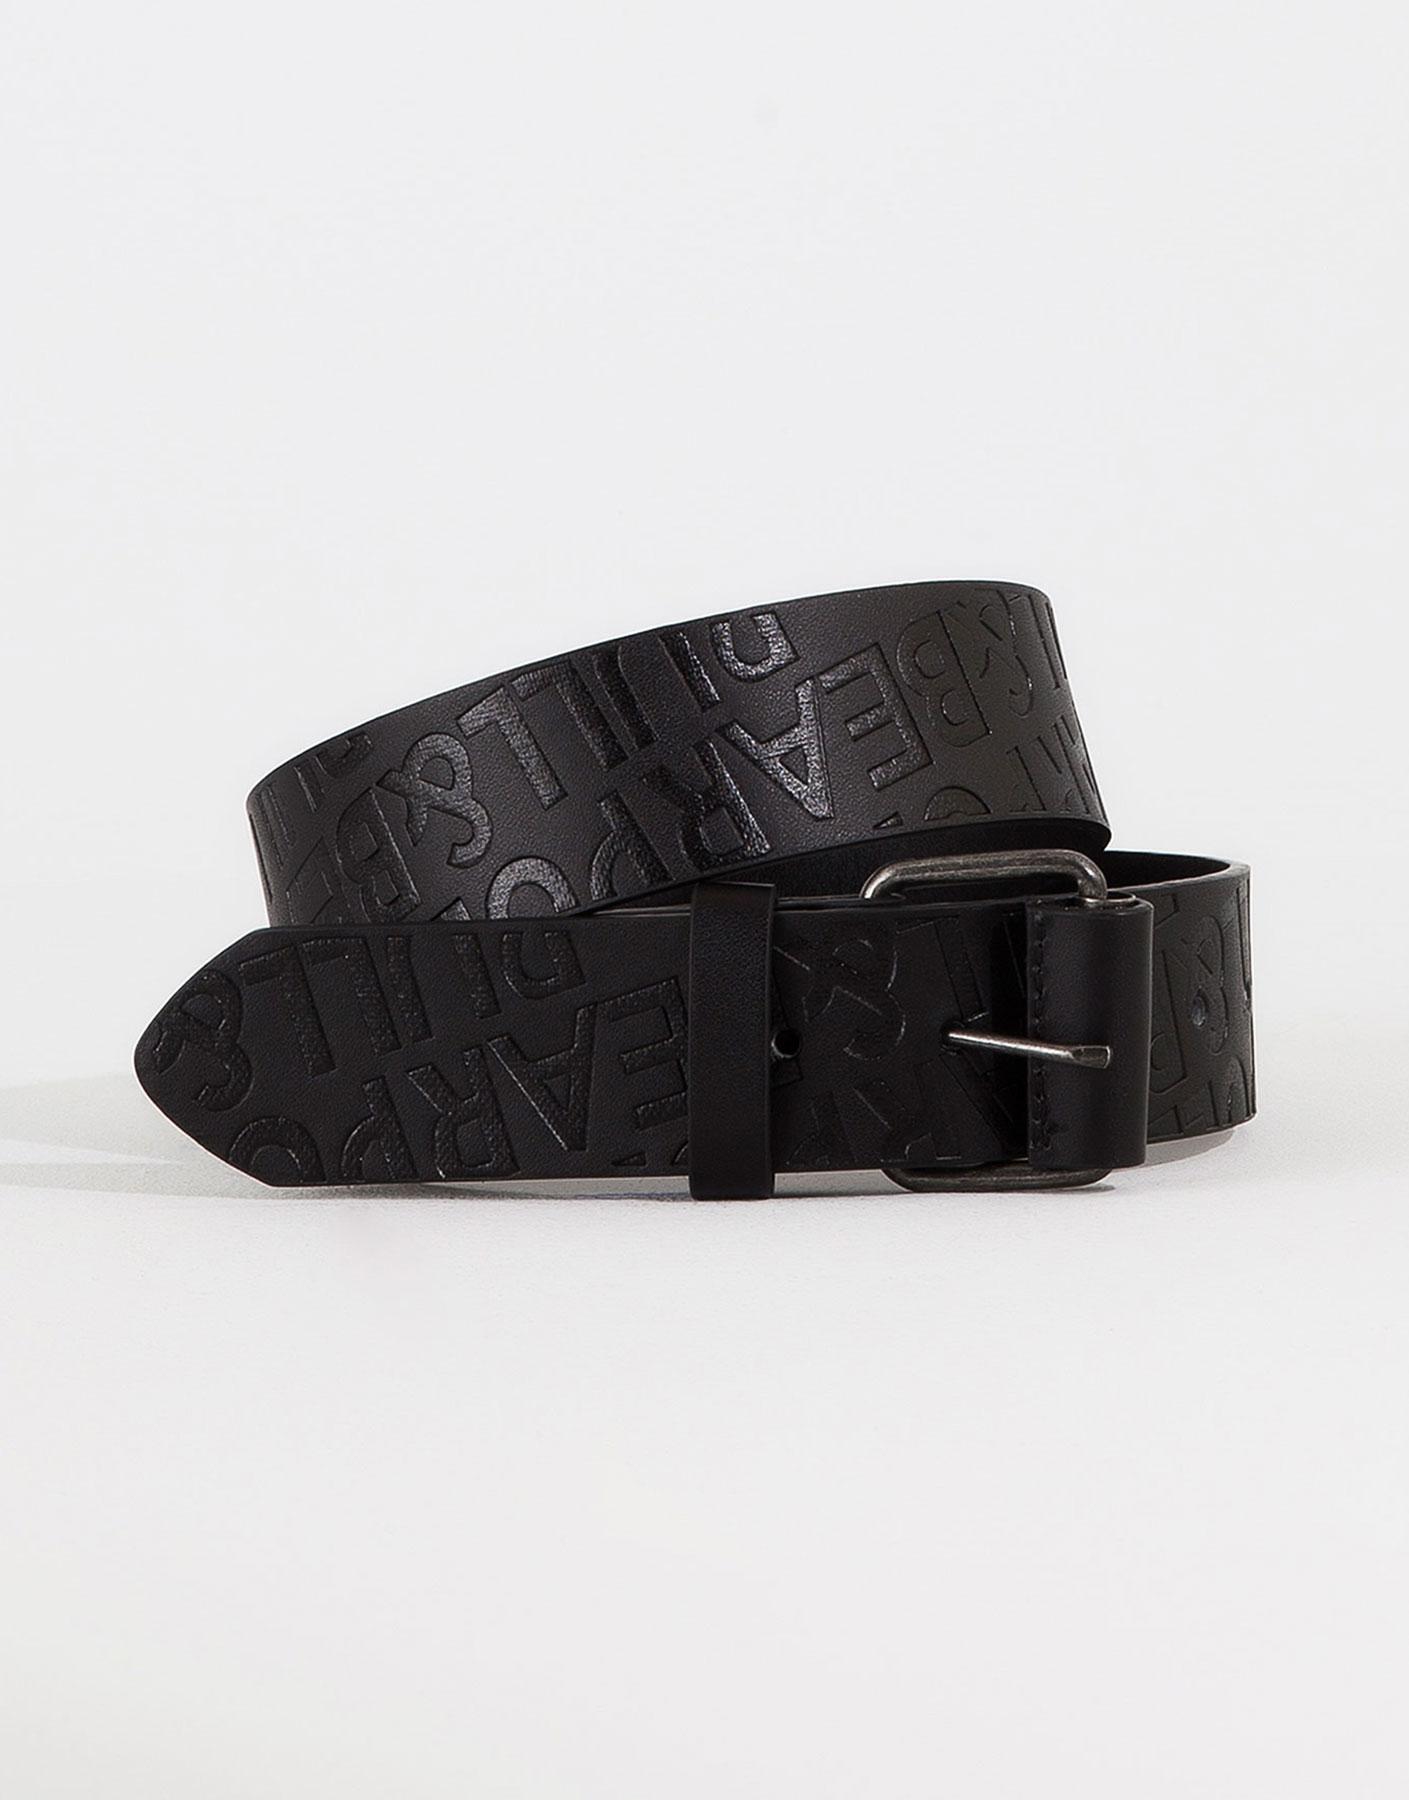 Cinturón grabado logo